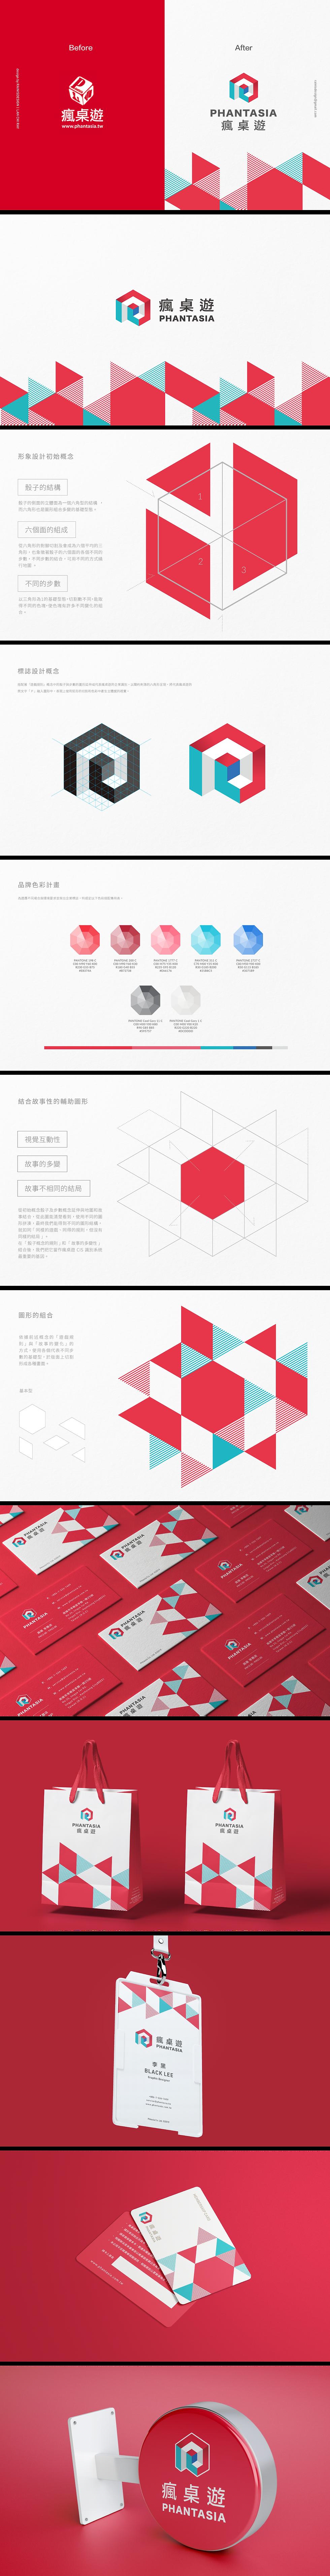 瘋桌遊 CIS設計 A_工作區域 1.png